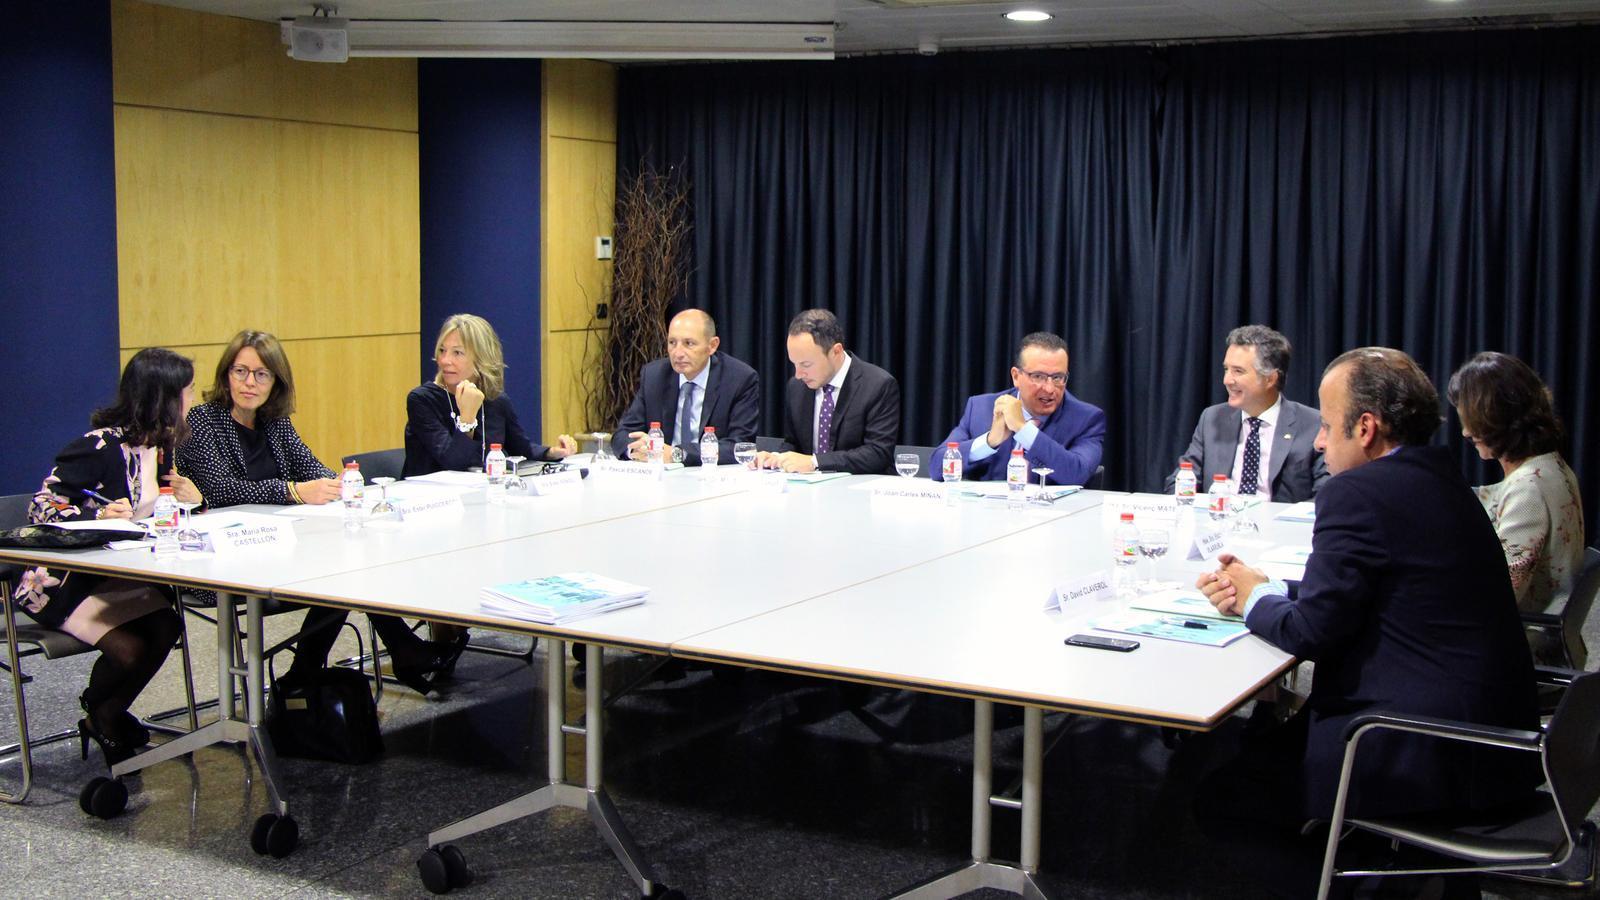 La darrera reunió dels membres del patronat de la Fundació Privada Tutelar. / ARXIU ANA